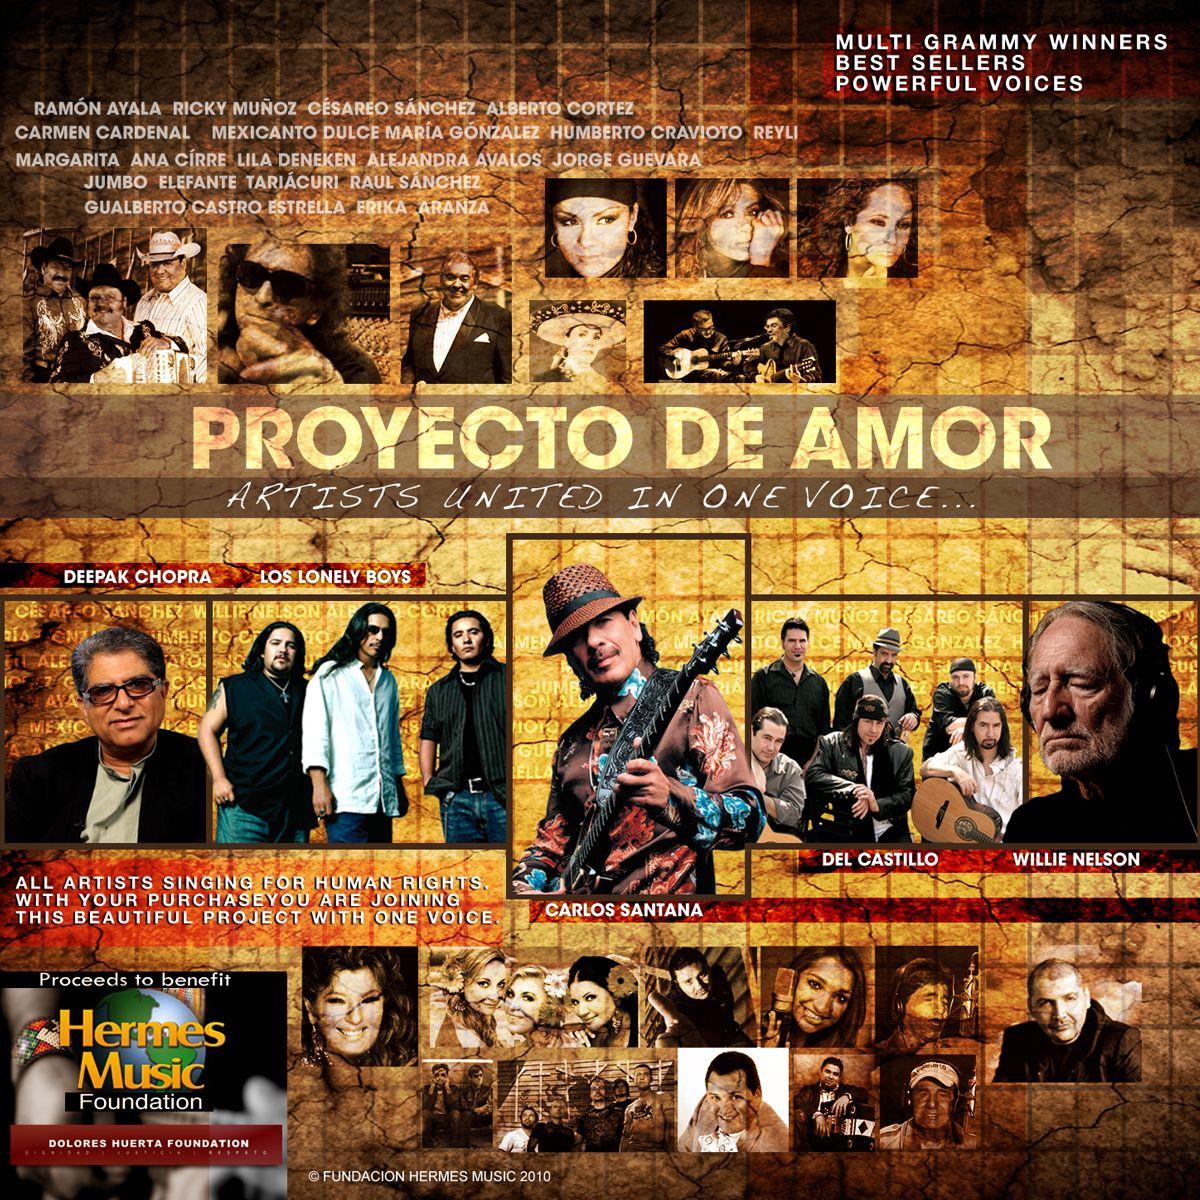 proyecto_de_amor_dvd.jpg